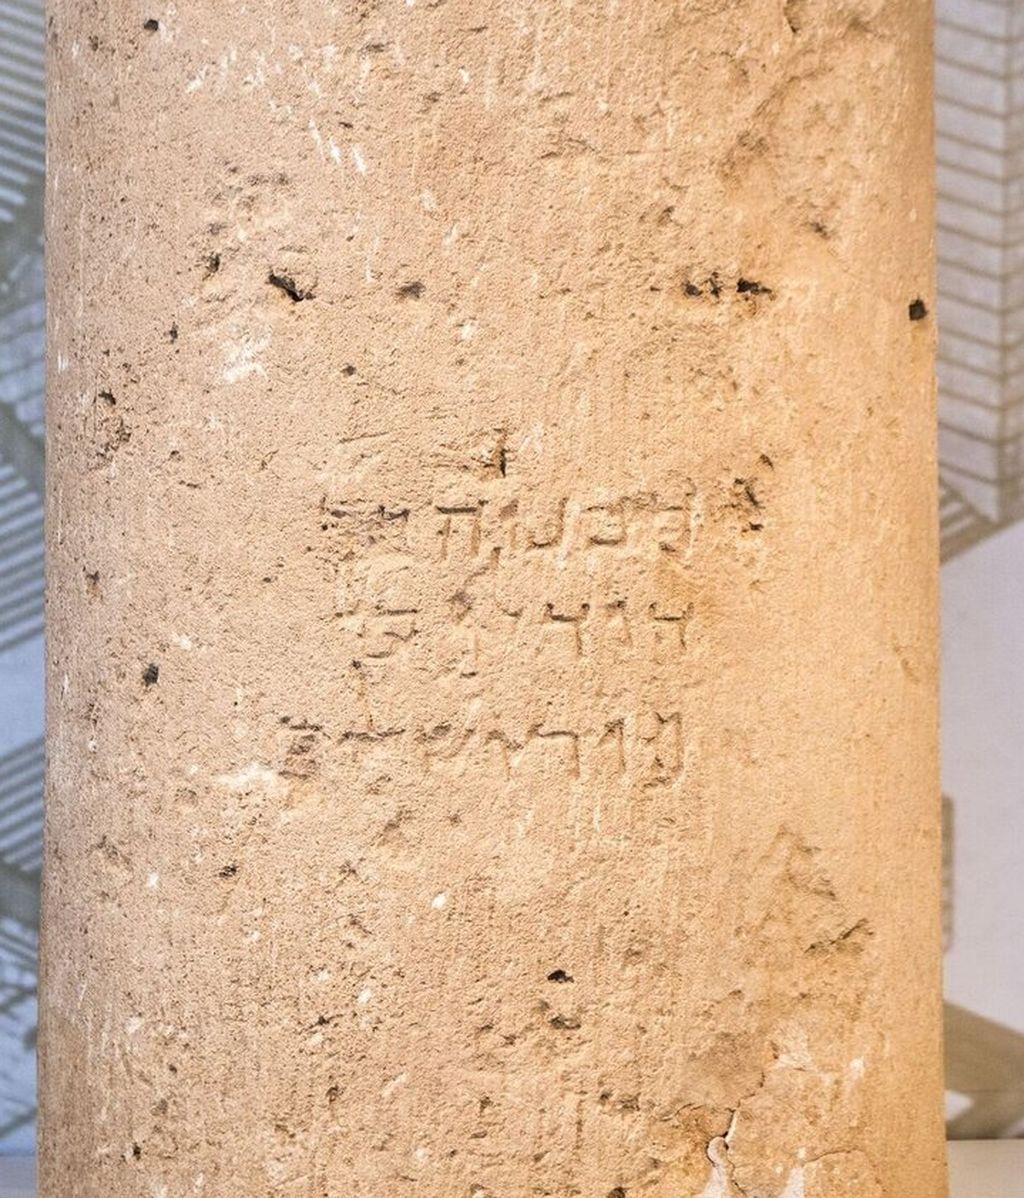 Arqueólogos encuentran la inscripción más antigua del nombre Jerusalén en hebreo